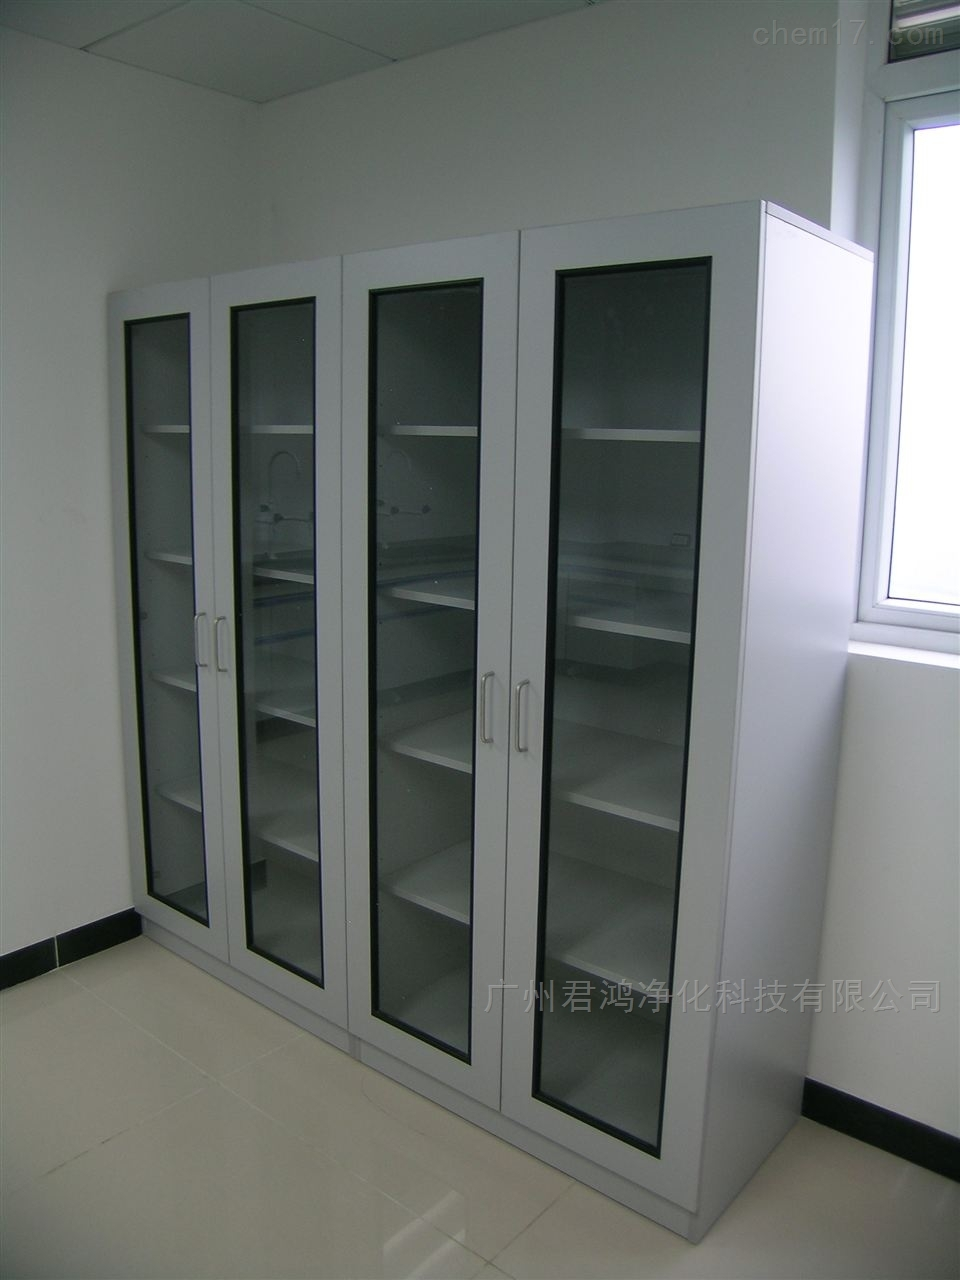 敦煌市铝木仪器柜药品柜 环保材料 量身定制